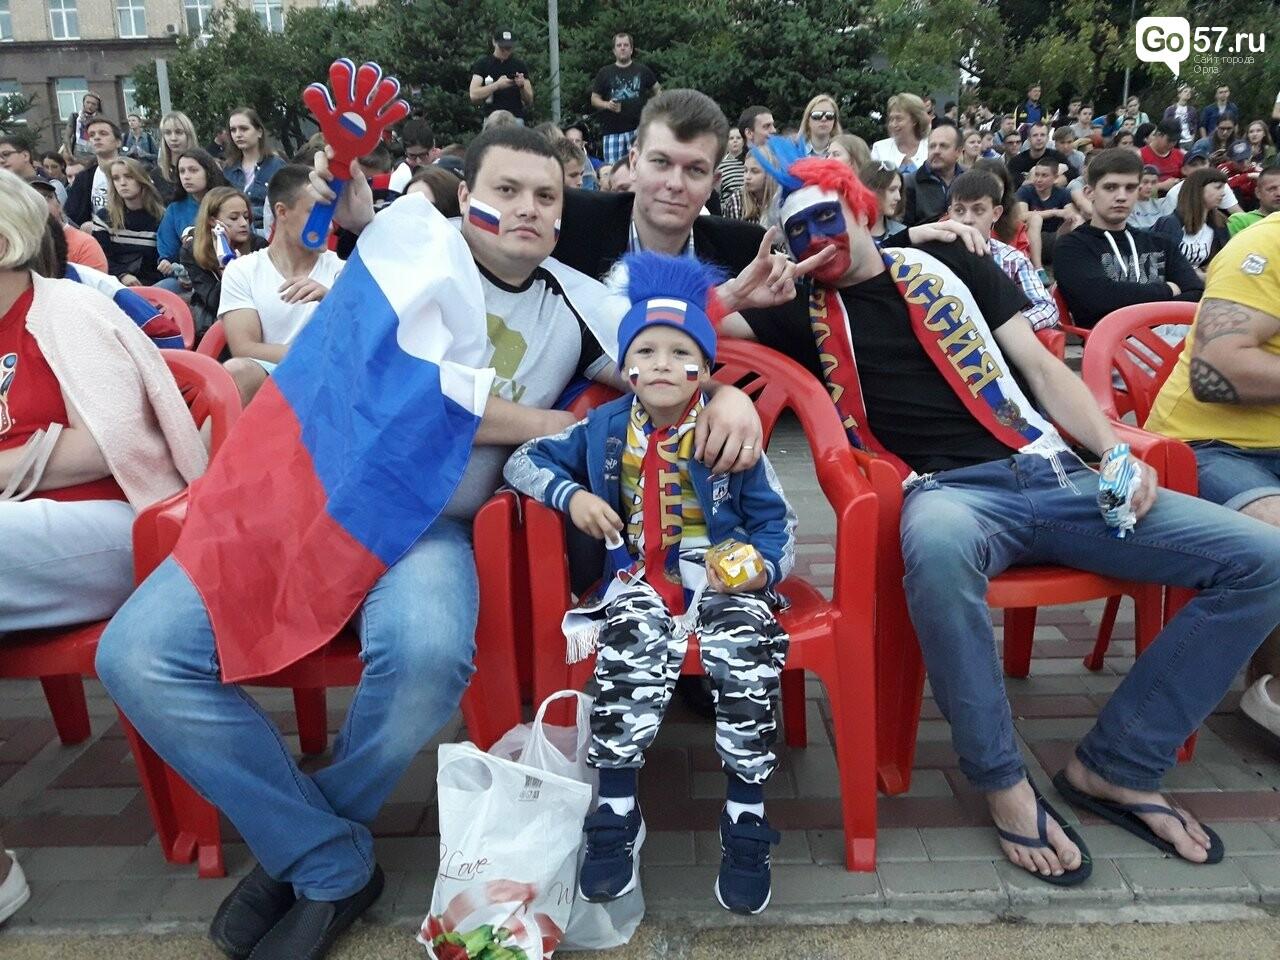 Как орловские фанаты поддержали сборную России , фото-3